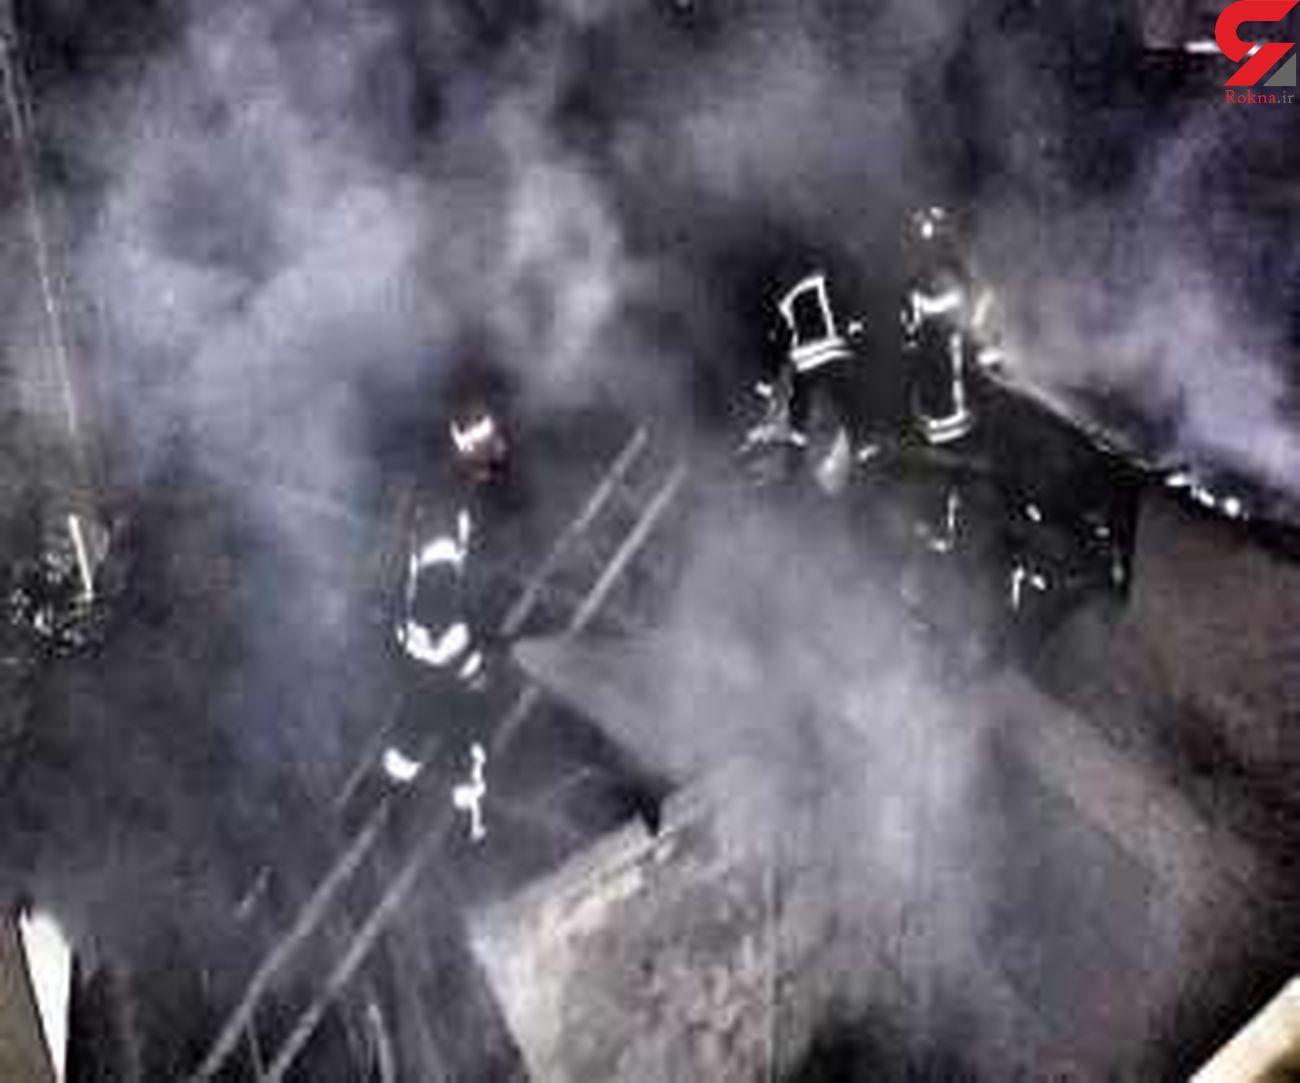 خانه ویلایی در شعله های آتش سوخت + فیلم و عکس